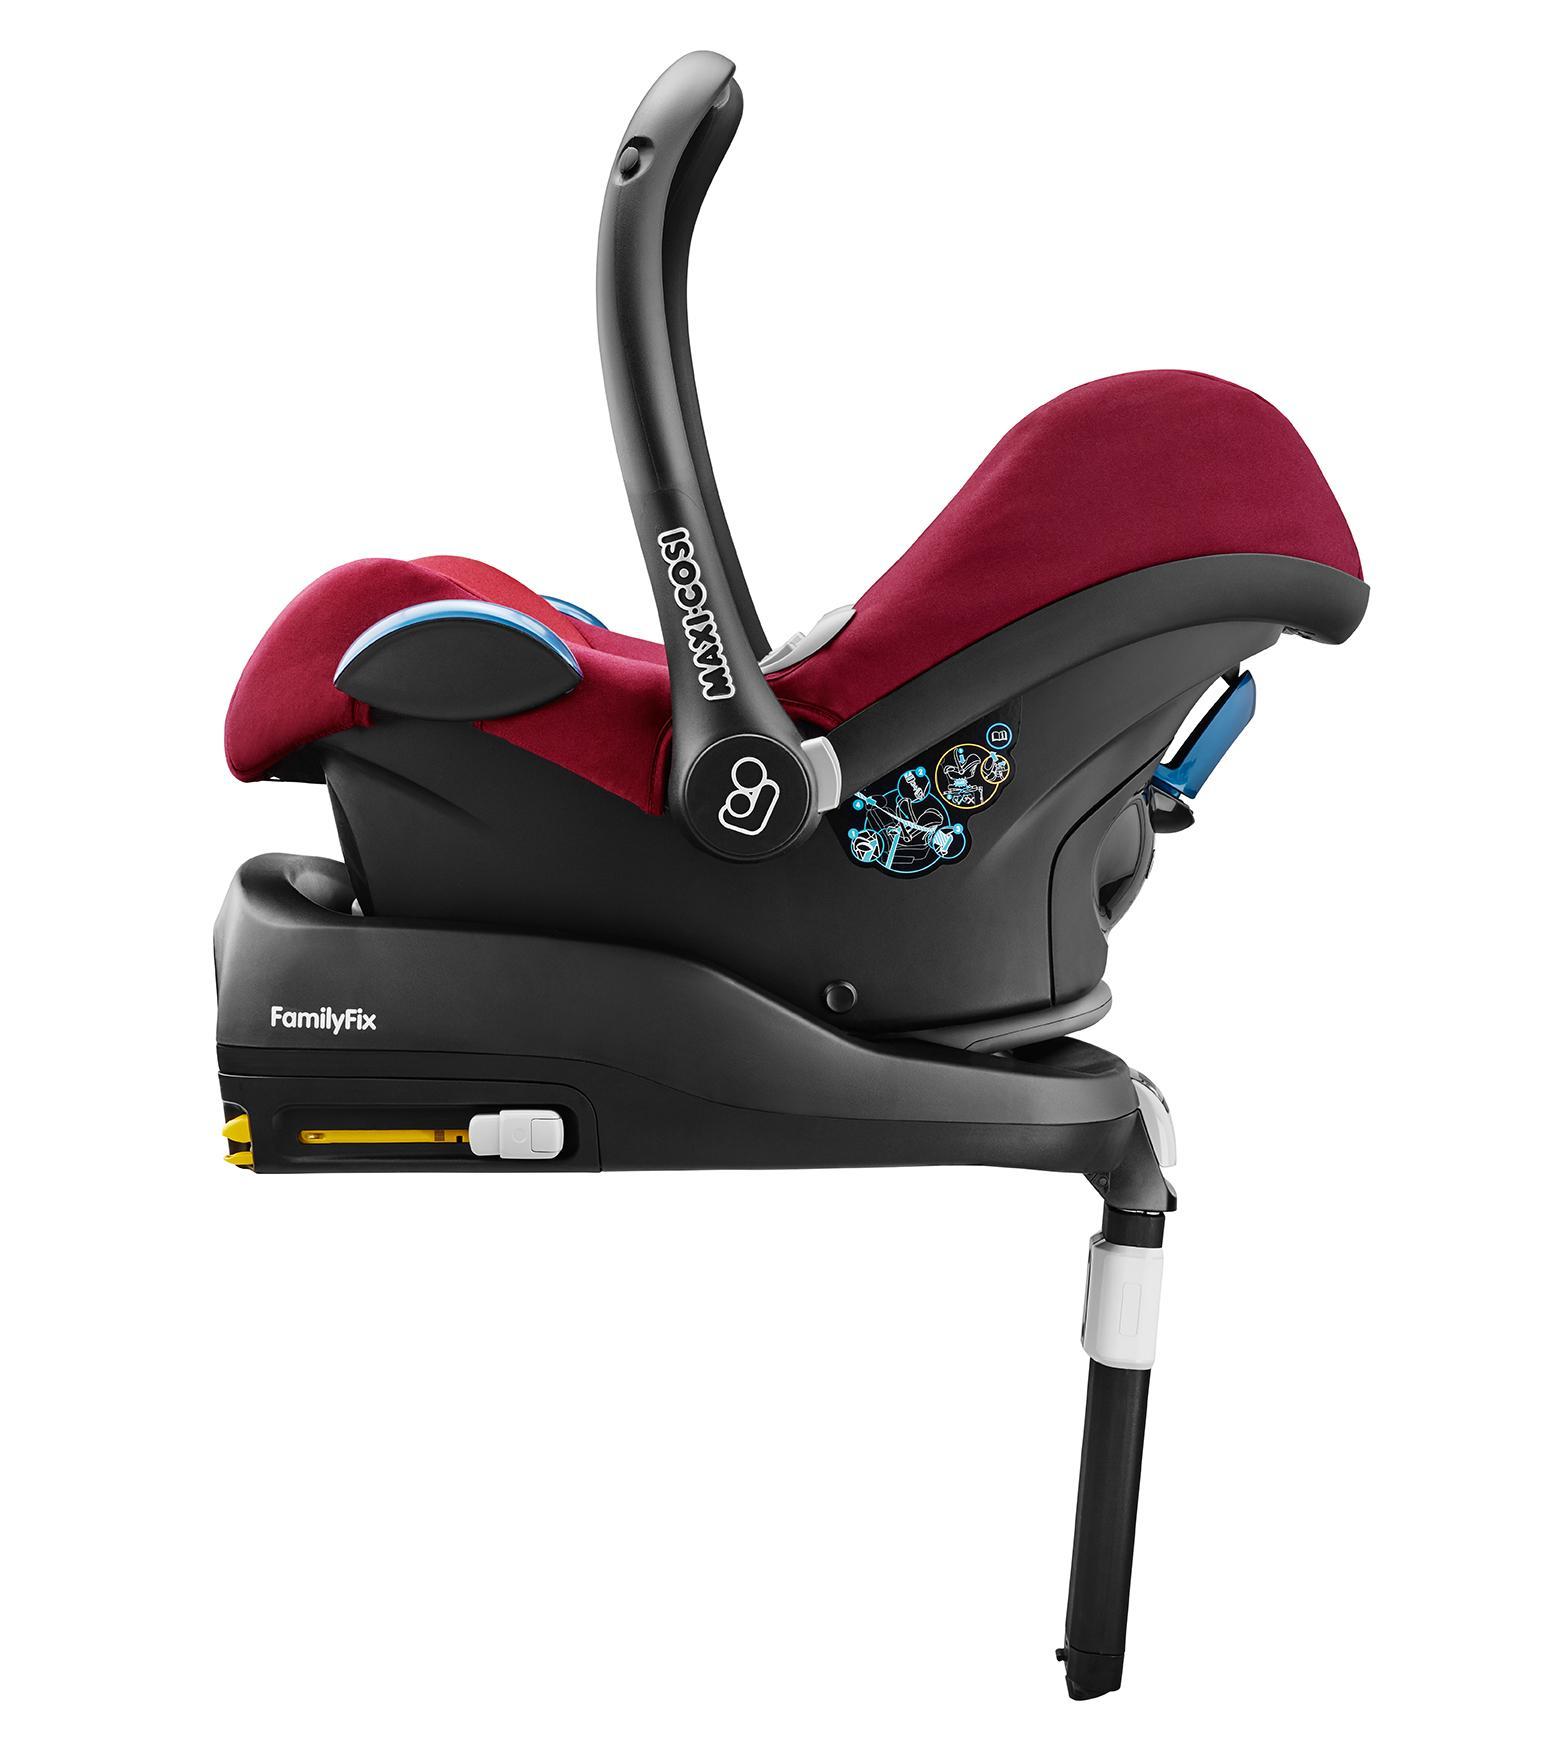 maxi cosi babyschale cabriofix extraleicht nutzung im auto in kombination mit allen maxi cosi. Black Bedroom Furniture Sets. Home Design Ideas